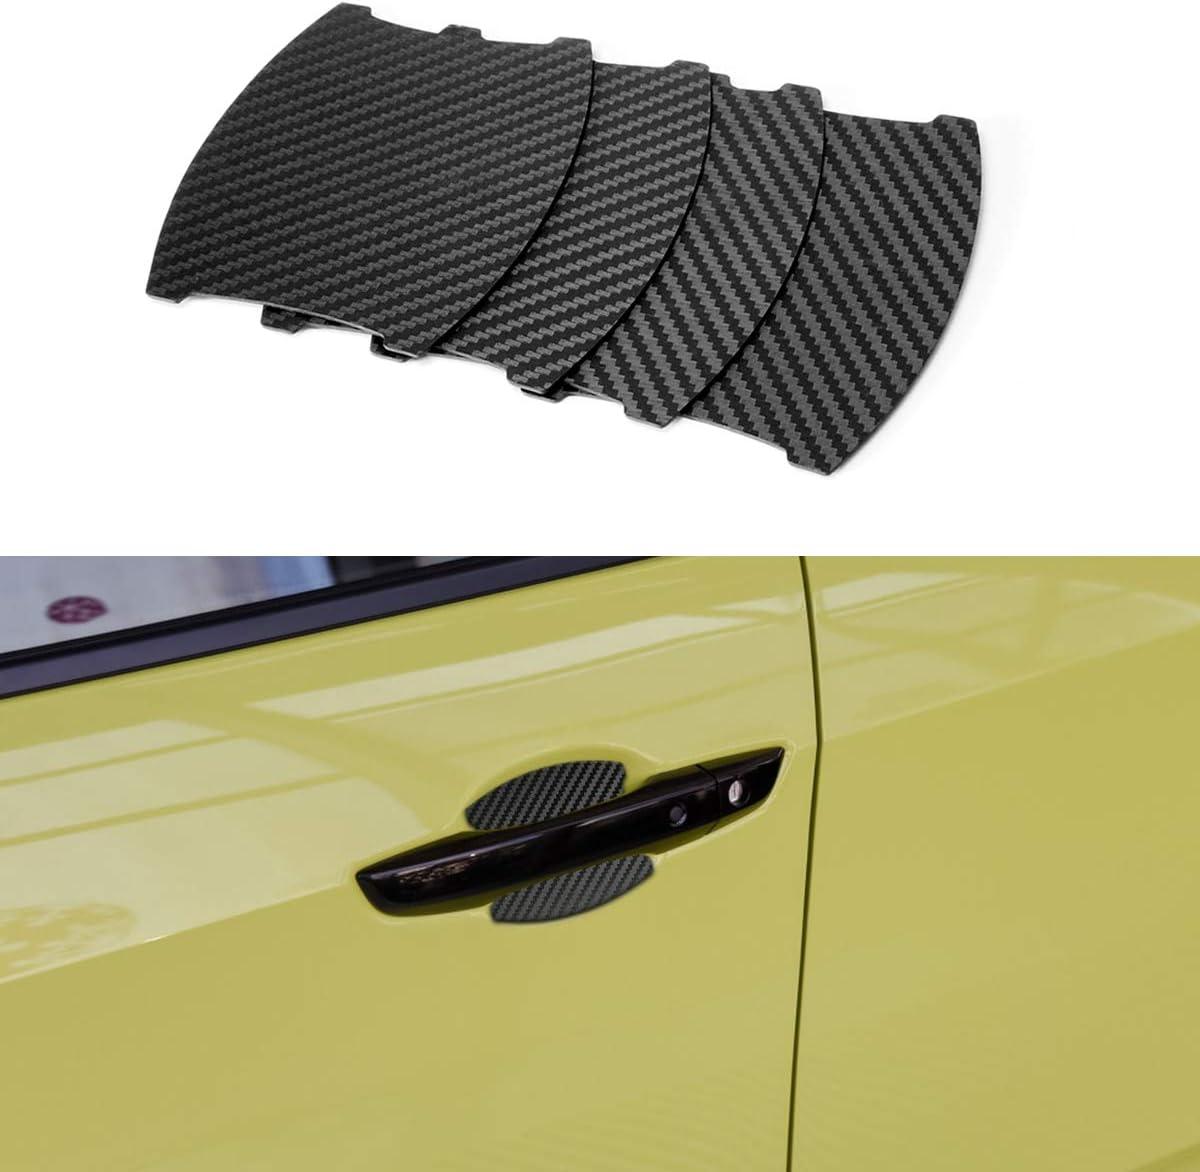 Mling Auto Magnetisch Türgriffmulde Schutz Kratzfest Türgriffmulde Abdeckung 4 Stück Kompatibel Für Civic Auto